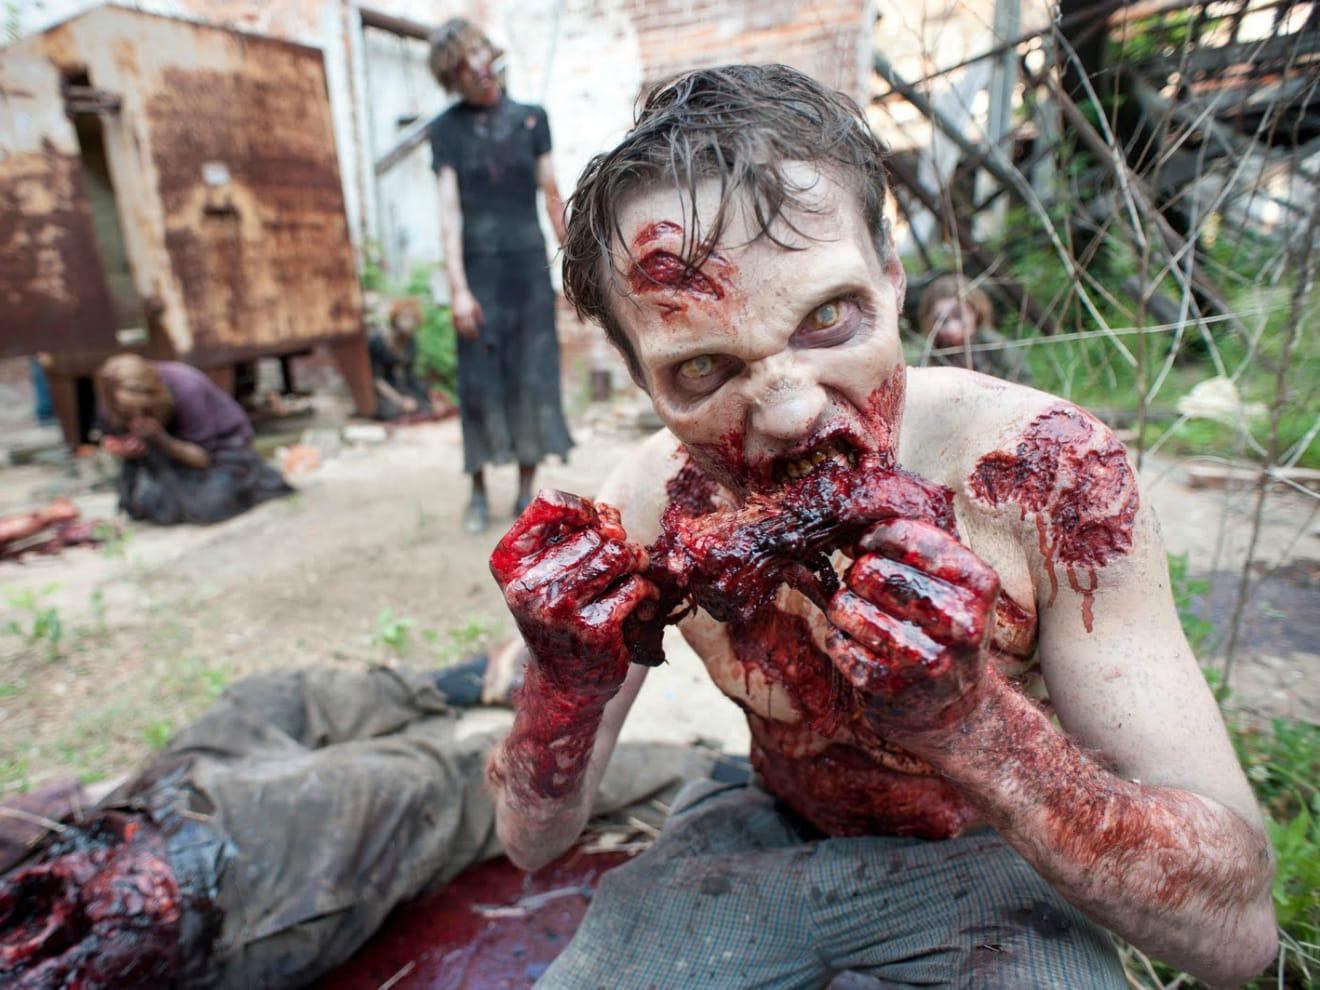 La Criptofobia Neurótica En El Género Zombie Como Cine